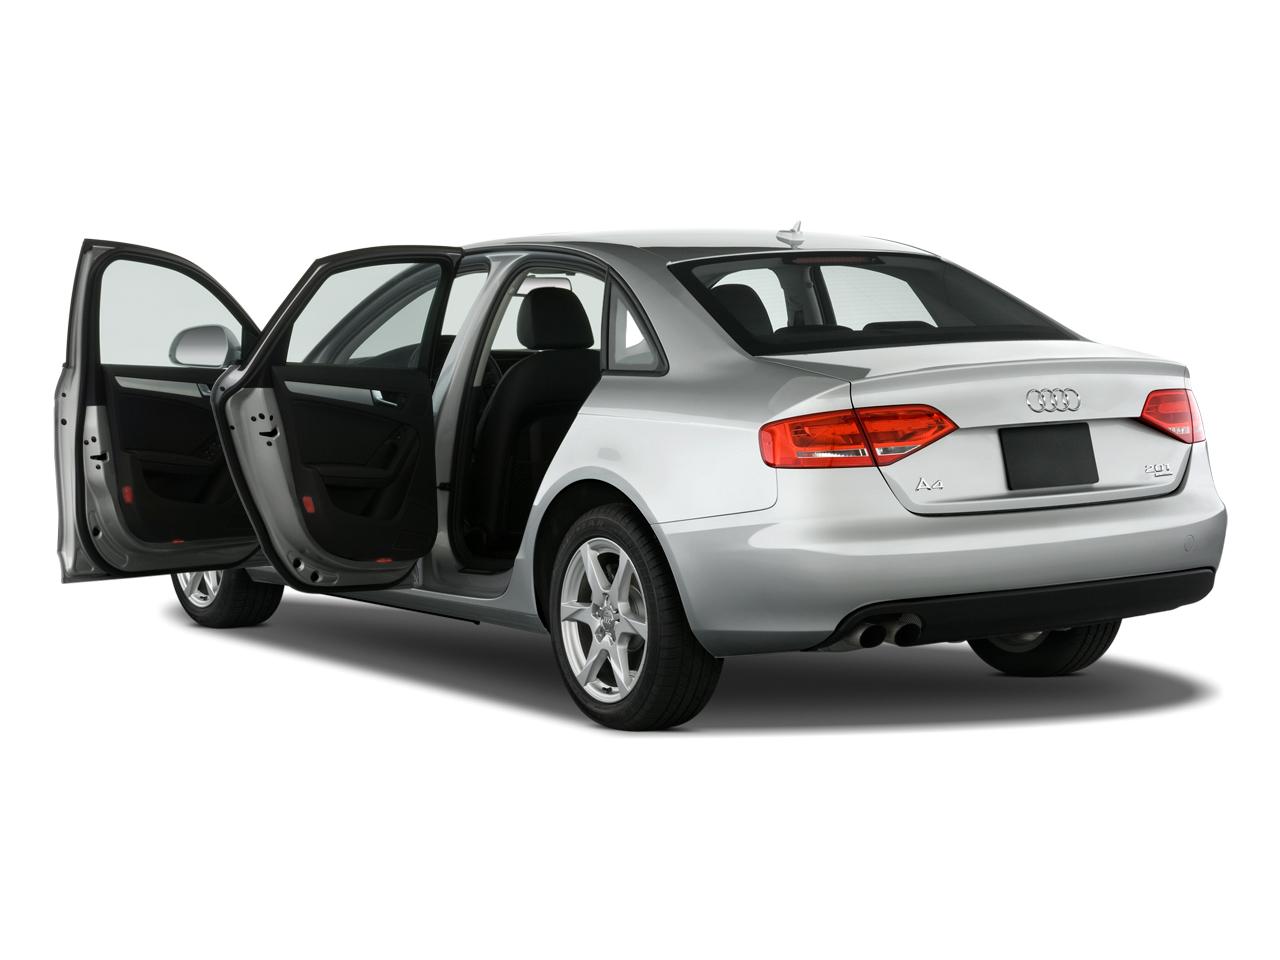 2009 Audi A4 Avant Luxury Wagon Review Automobile Magazine 2003 30 Quot Quatro Engine Diagram 6 75